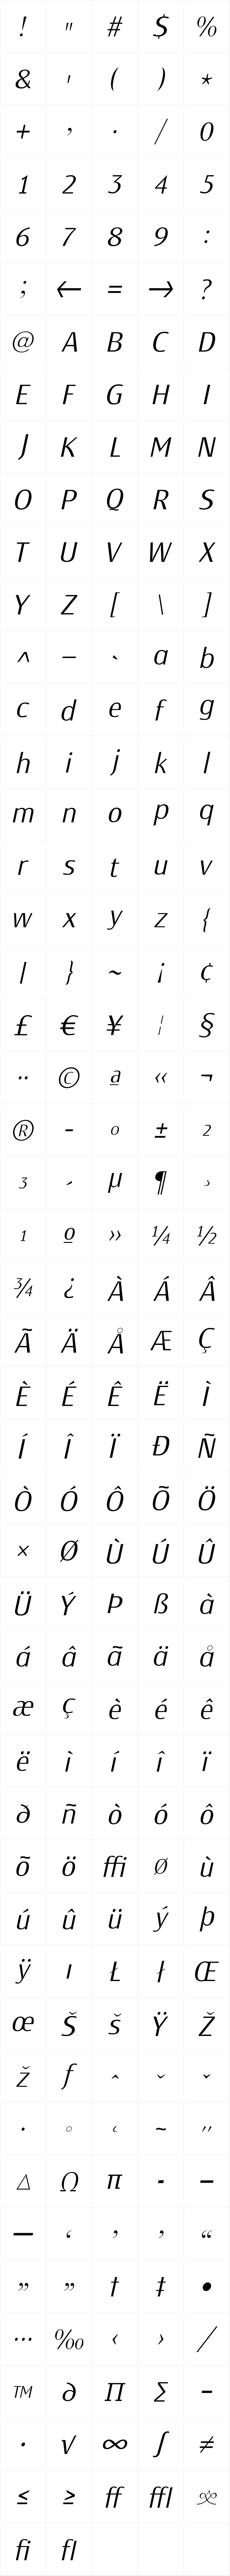 Monem ExtraLight Italic